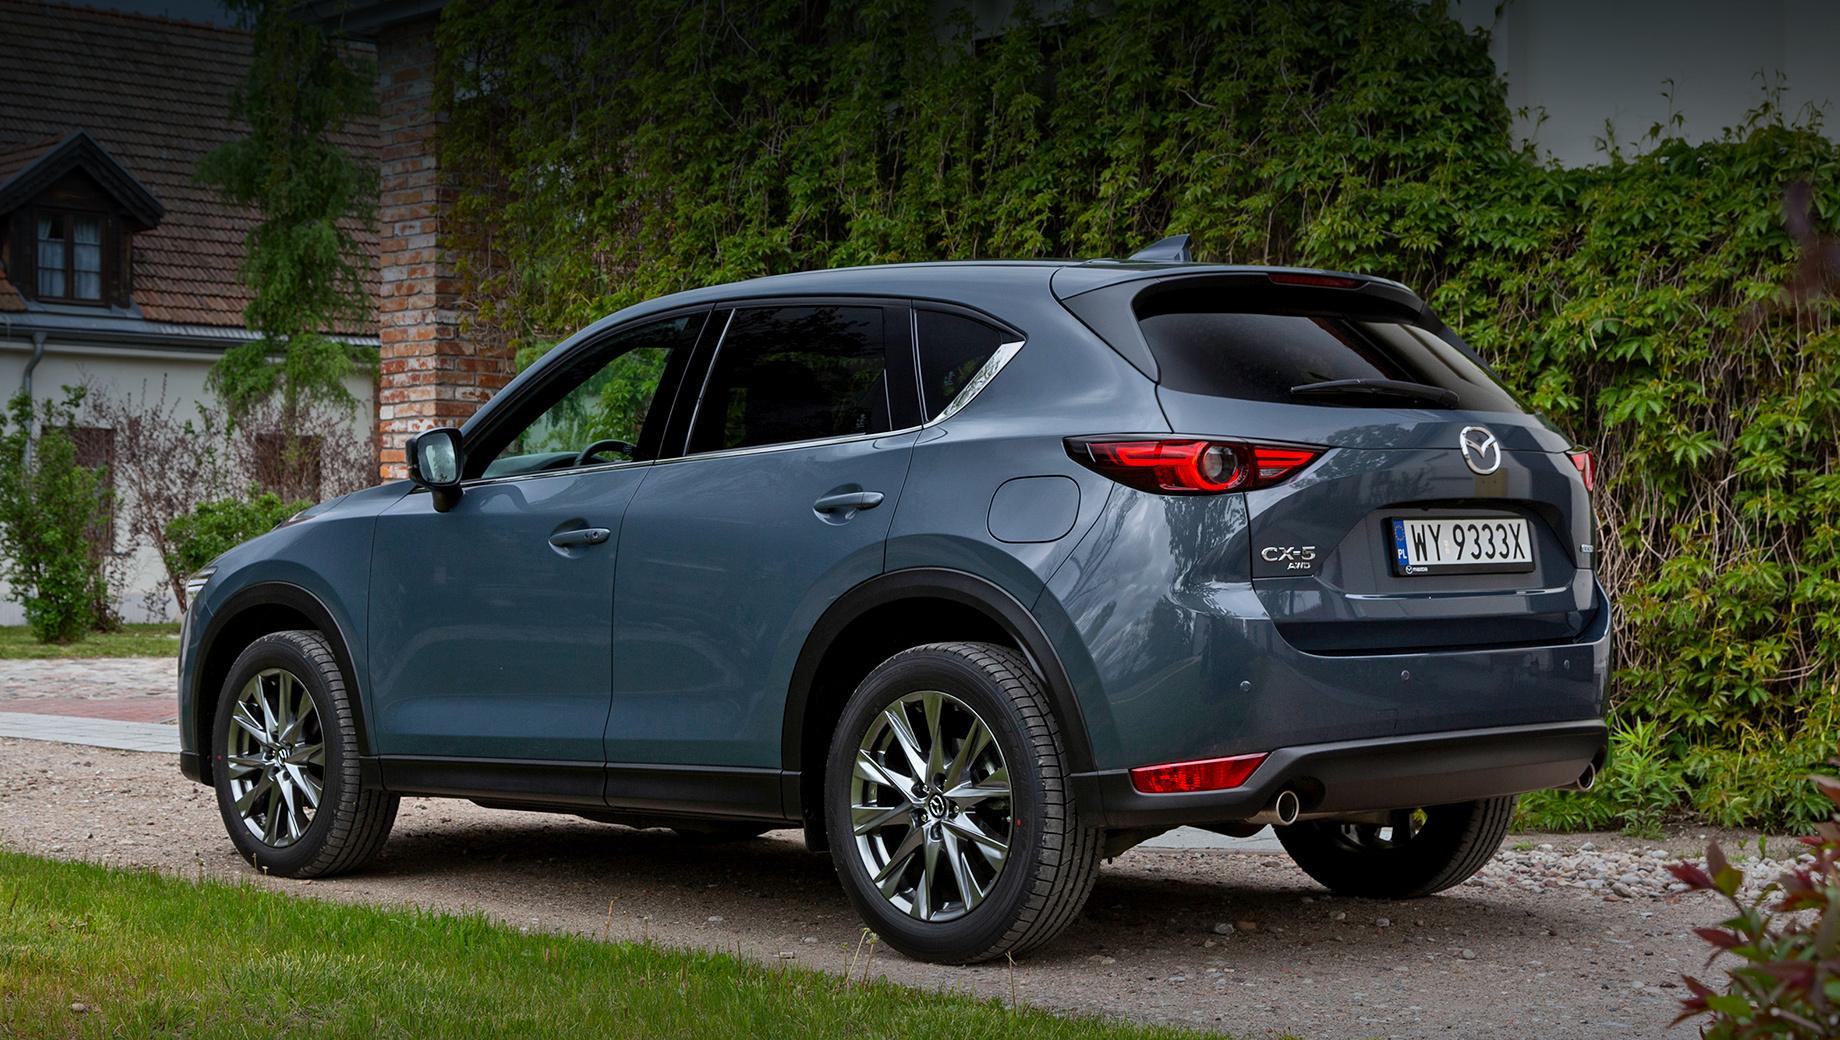 Европейская Mazda CX-5 прошла точечную модернизацию